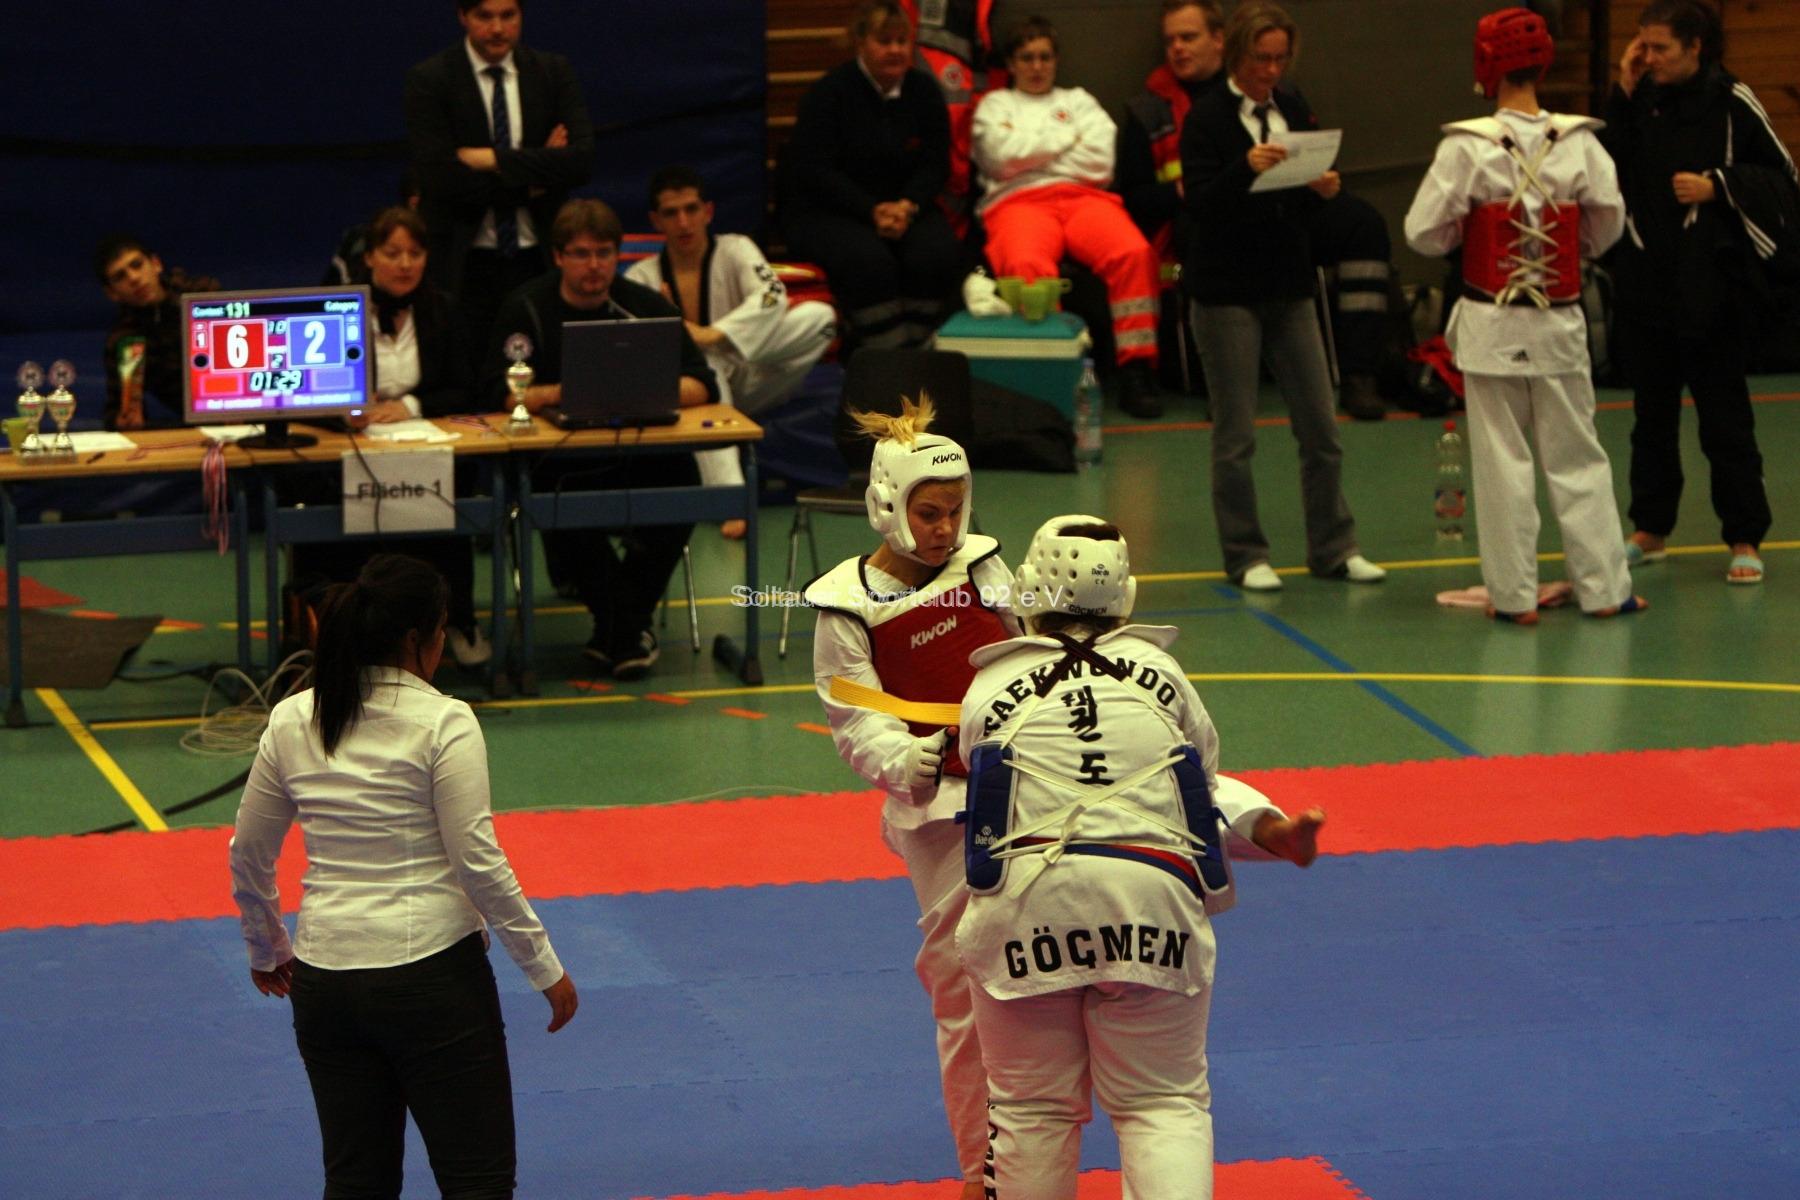 20101127-schleswig-holstein-cup-kaltenkirchen-361